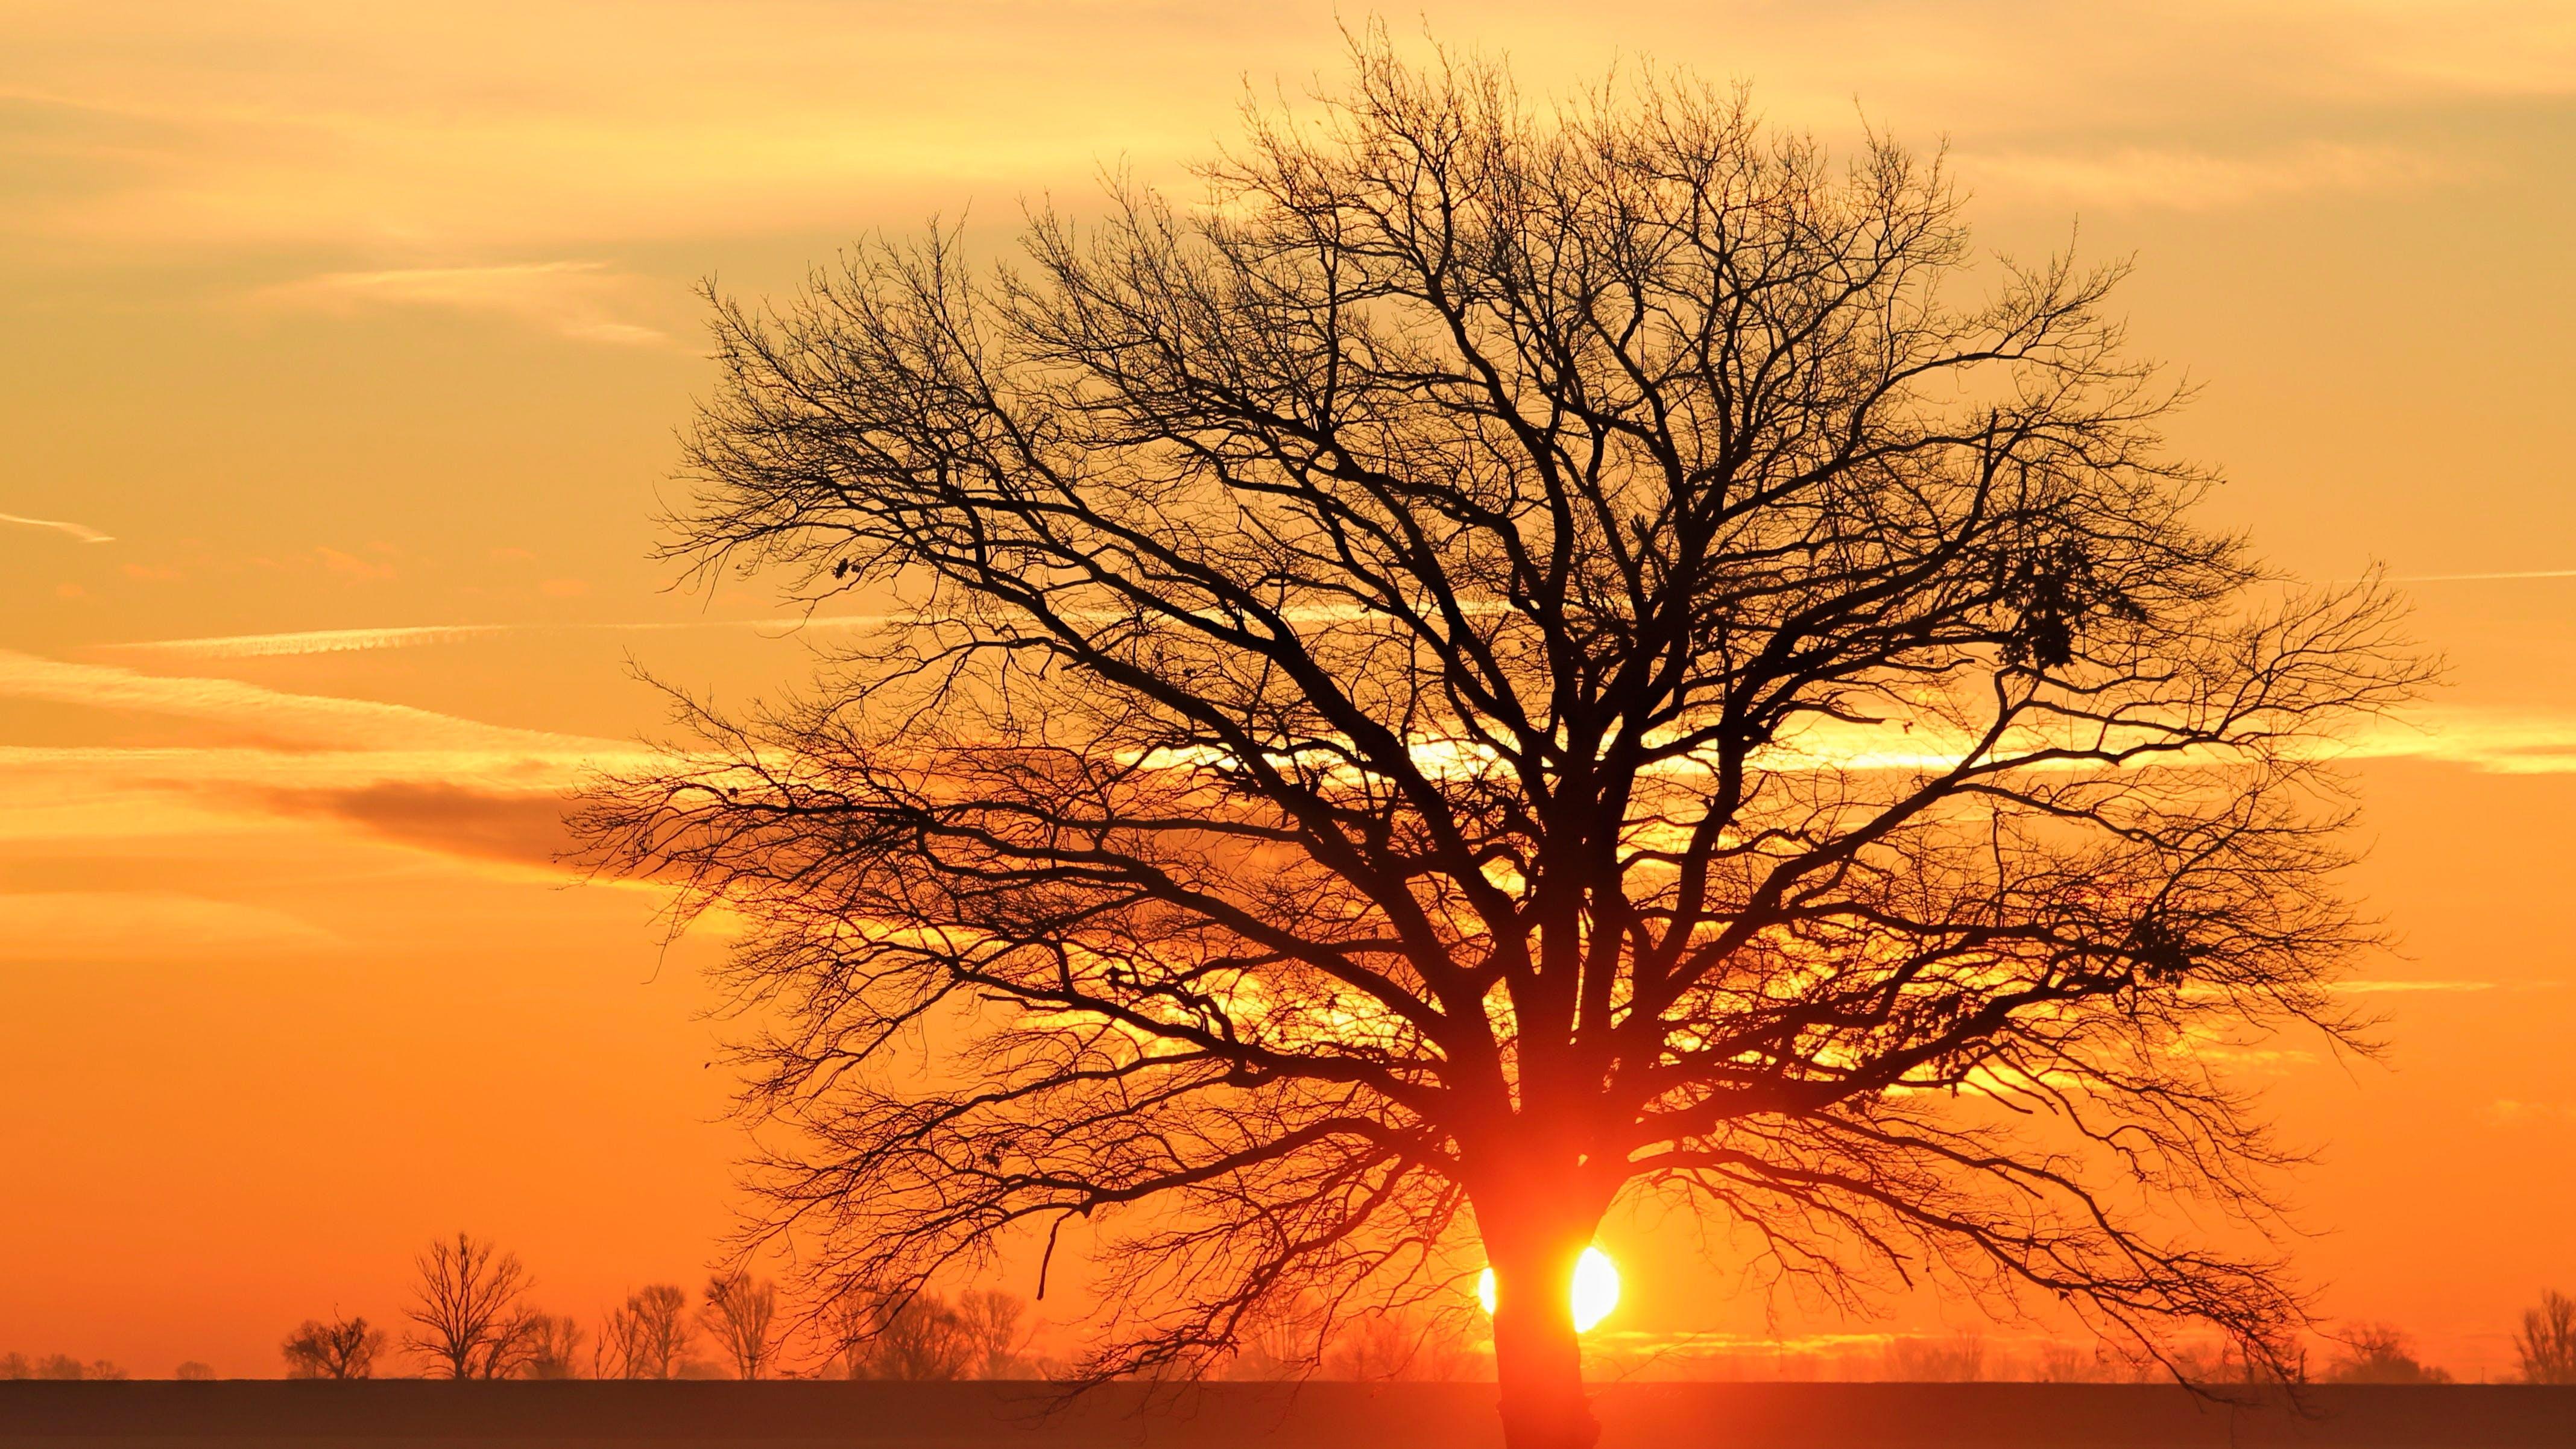 Бесплатное стоковое фото с вечер, вечернее небо, дерево, закат